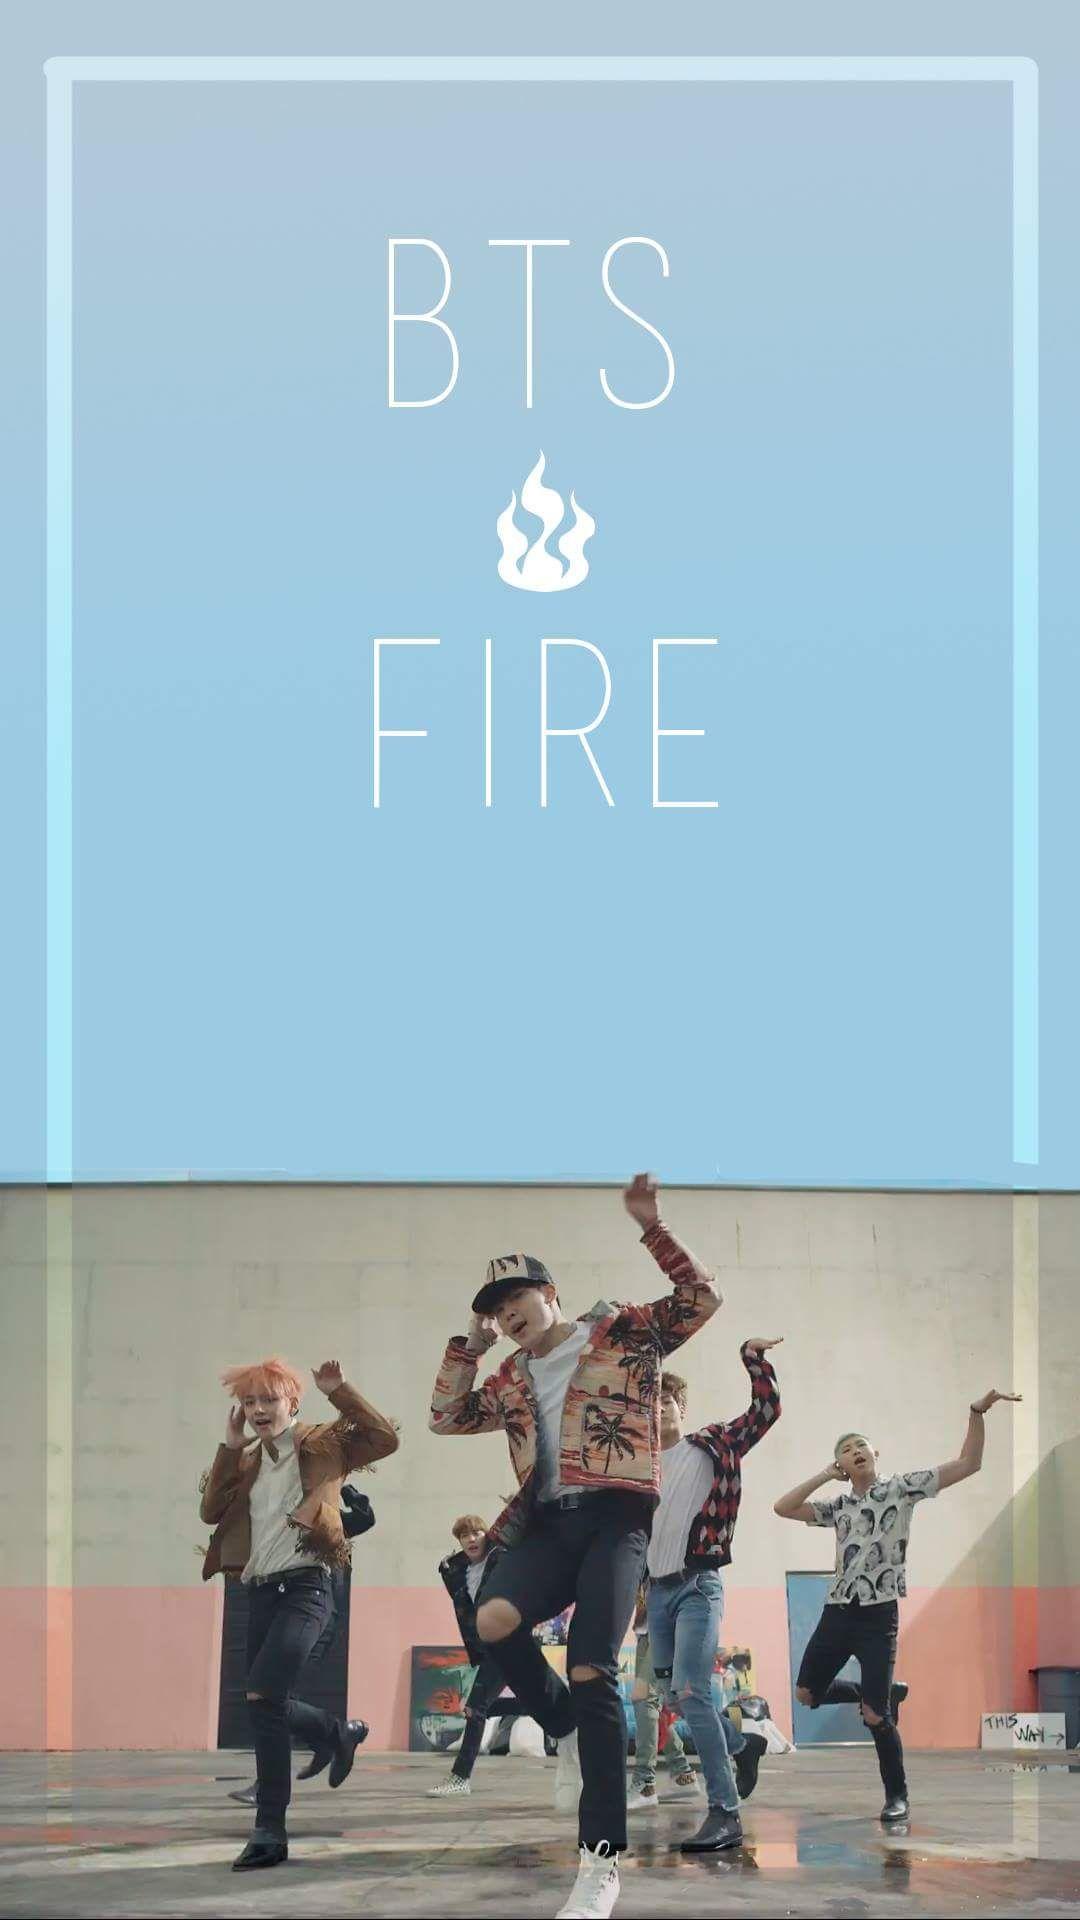 Bts Fire Wallpaper Bts Wallpaper Bts Bts Bangtan Boy Bts fire wallpaper hd